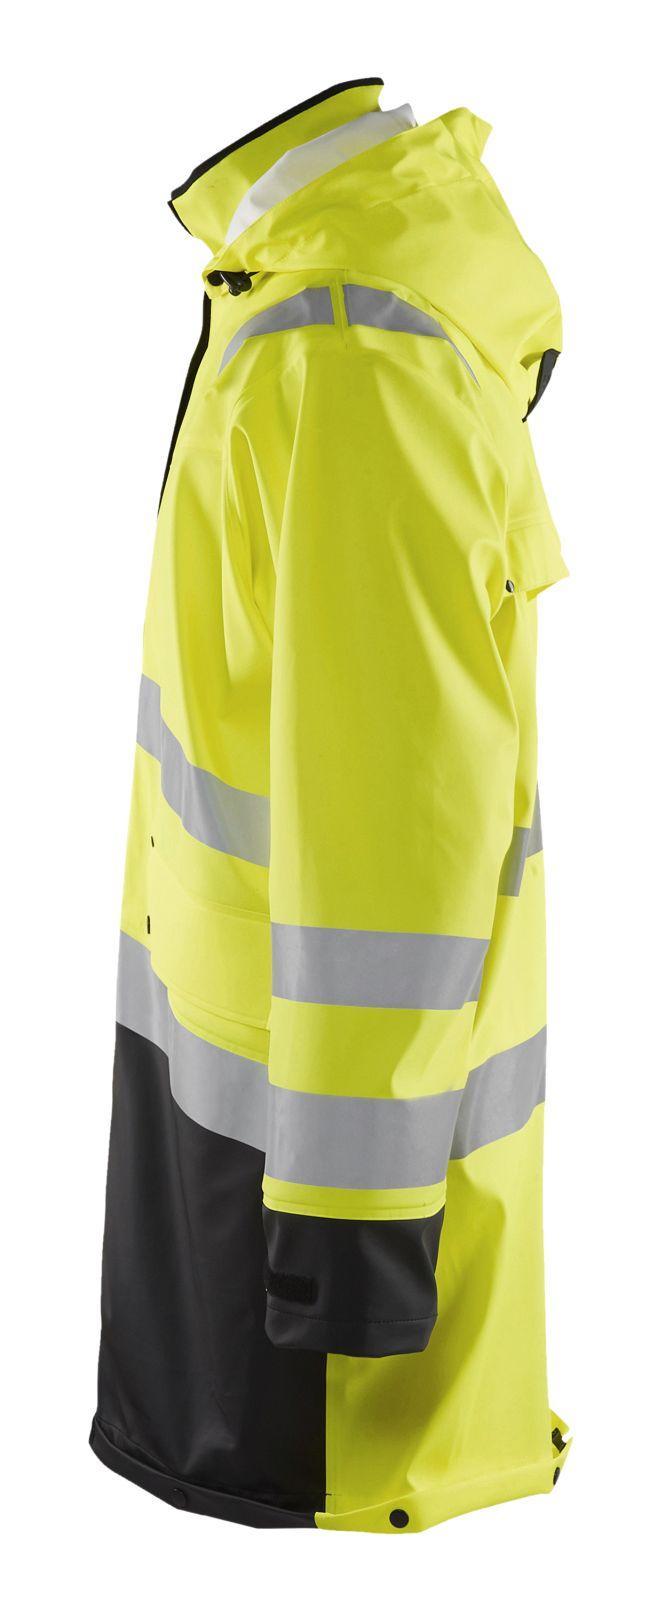 Blaklader Regenjassen 43062003 High Vis geel-zwart(3399)